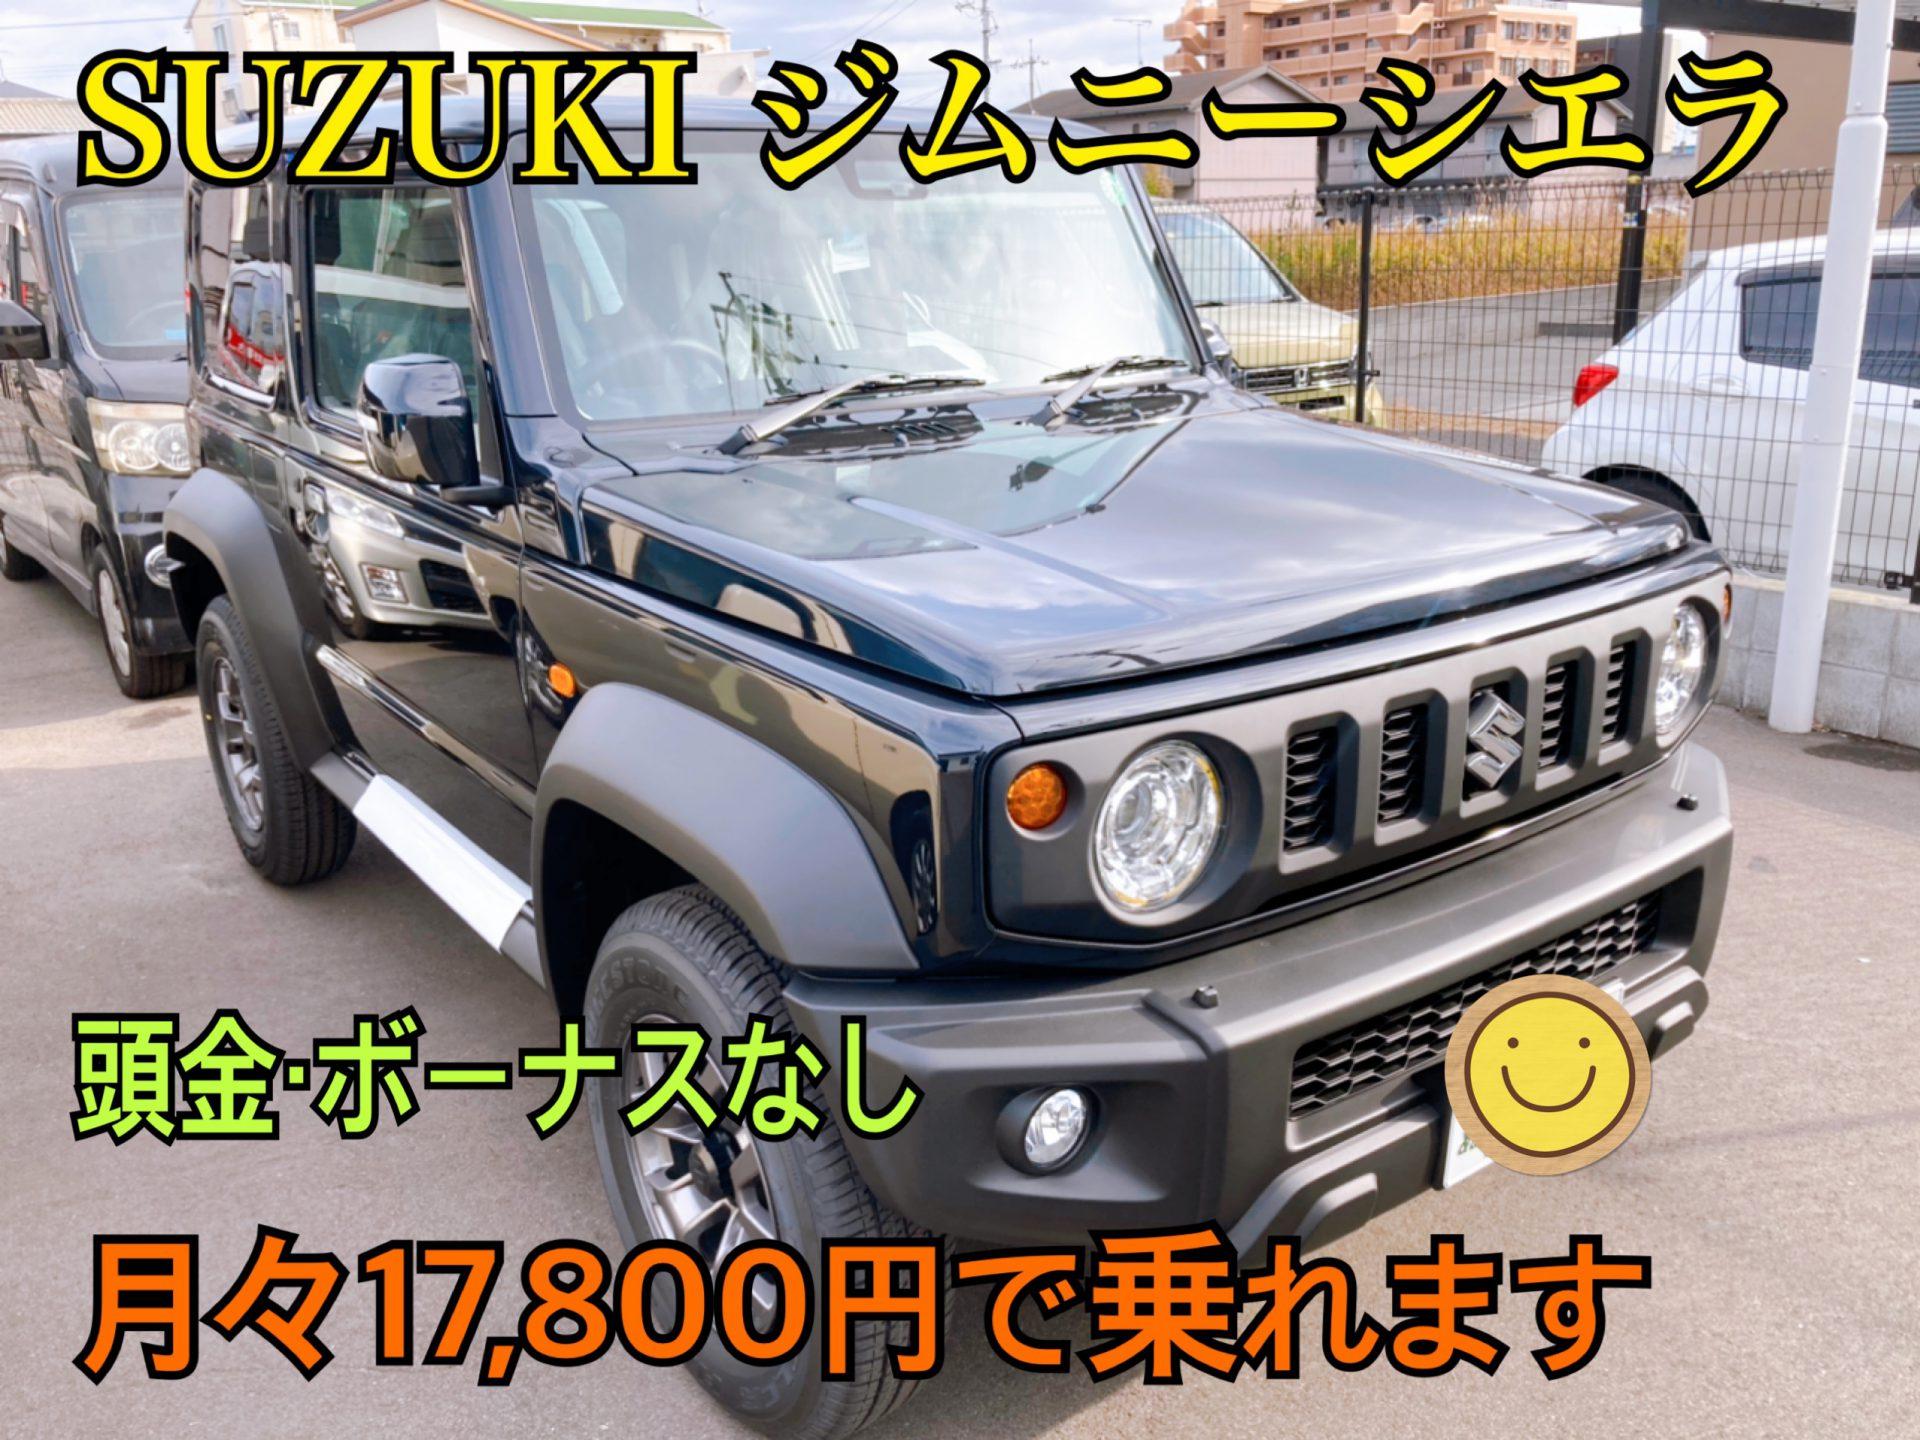 岡山市で新車のジムニーシエラが安く買えるコバック